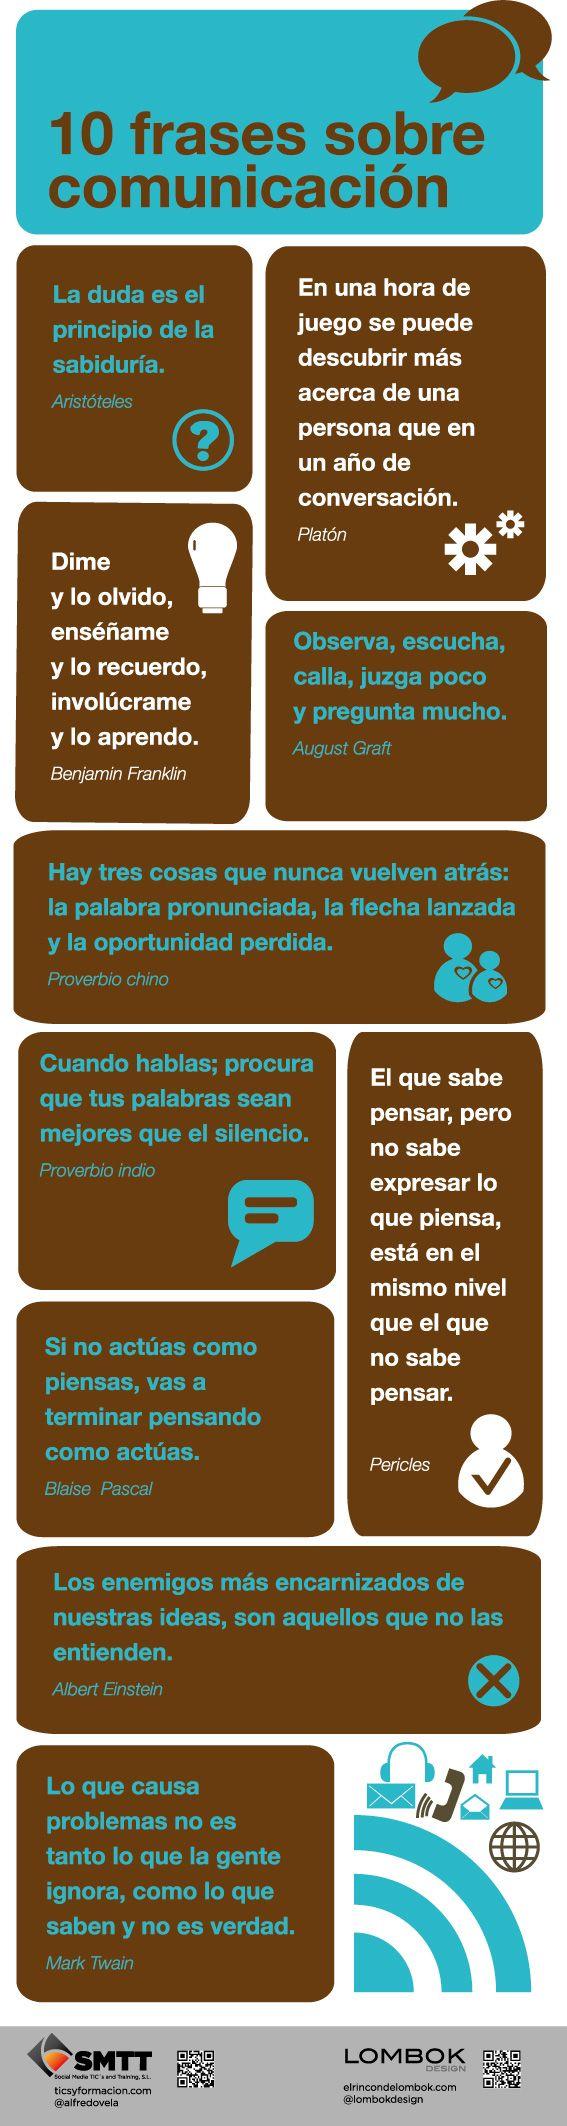 10 frases célebres sobre #comunicación